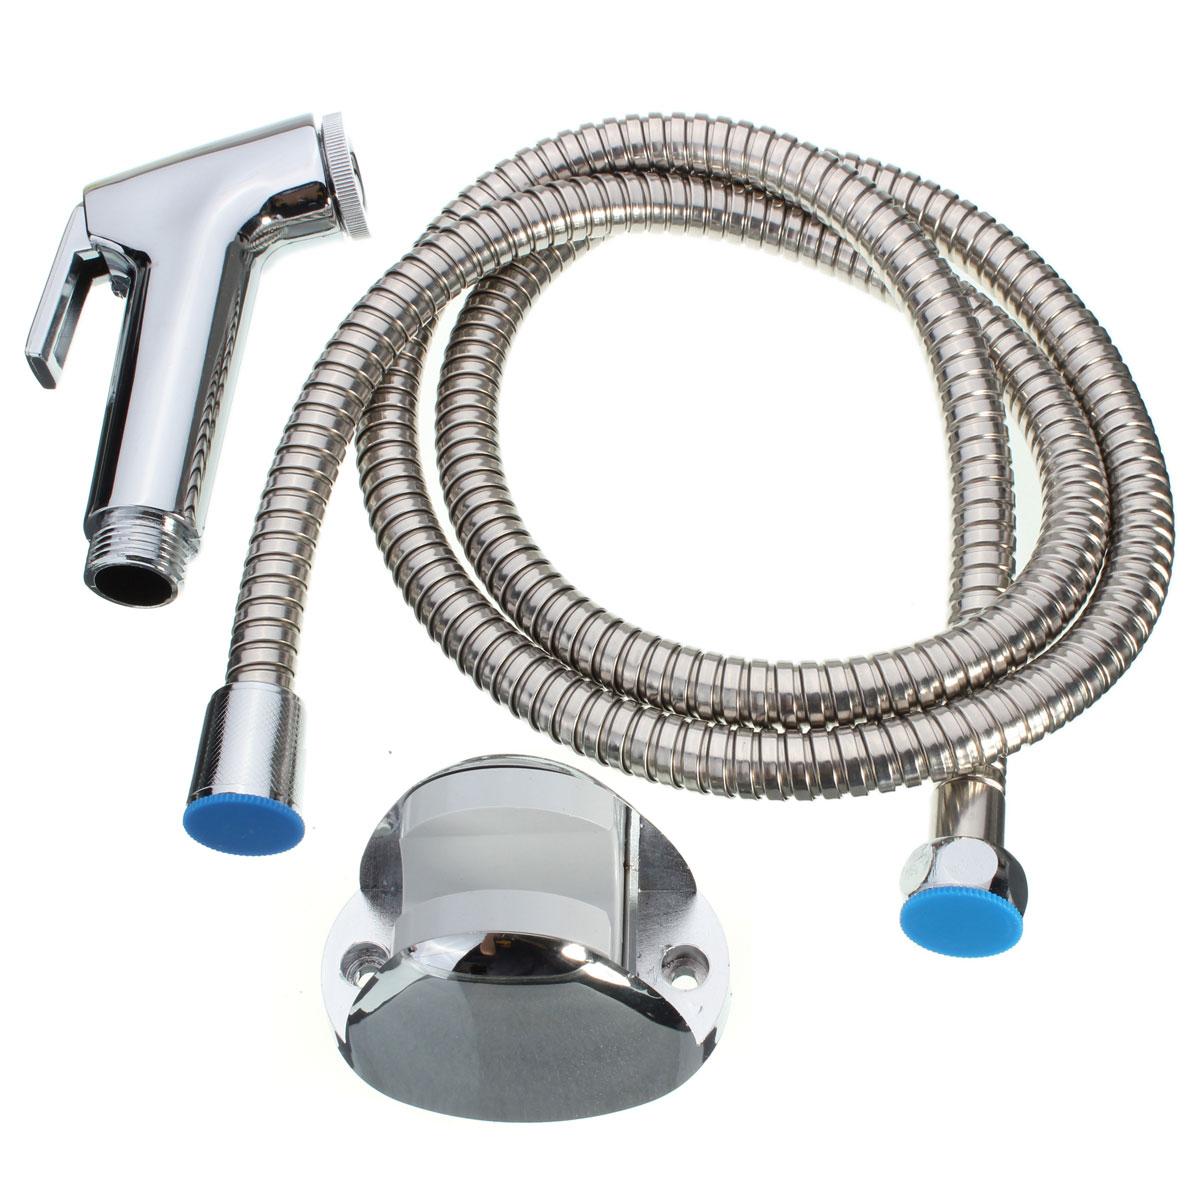 Fixado Na Parede do banheiro Pulverizador Multifunções Wc Handheld Bidé Spray Cabeça de Chuveiro Conjunto Chuveiro Accessiories Tubo 140 centímetros